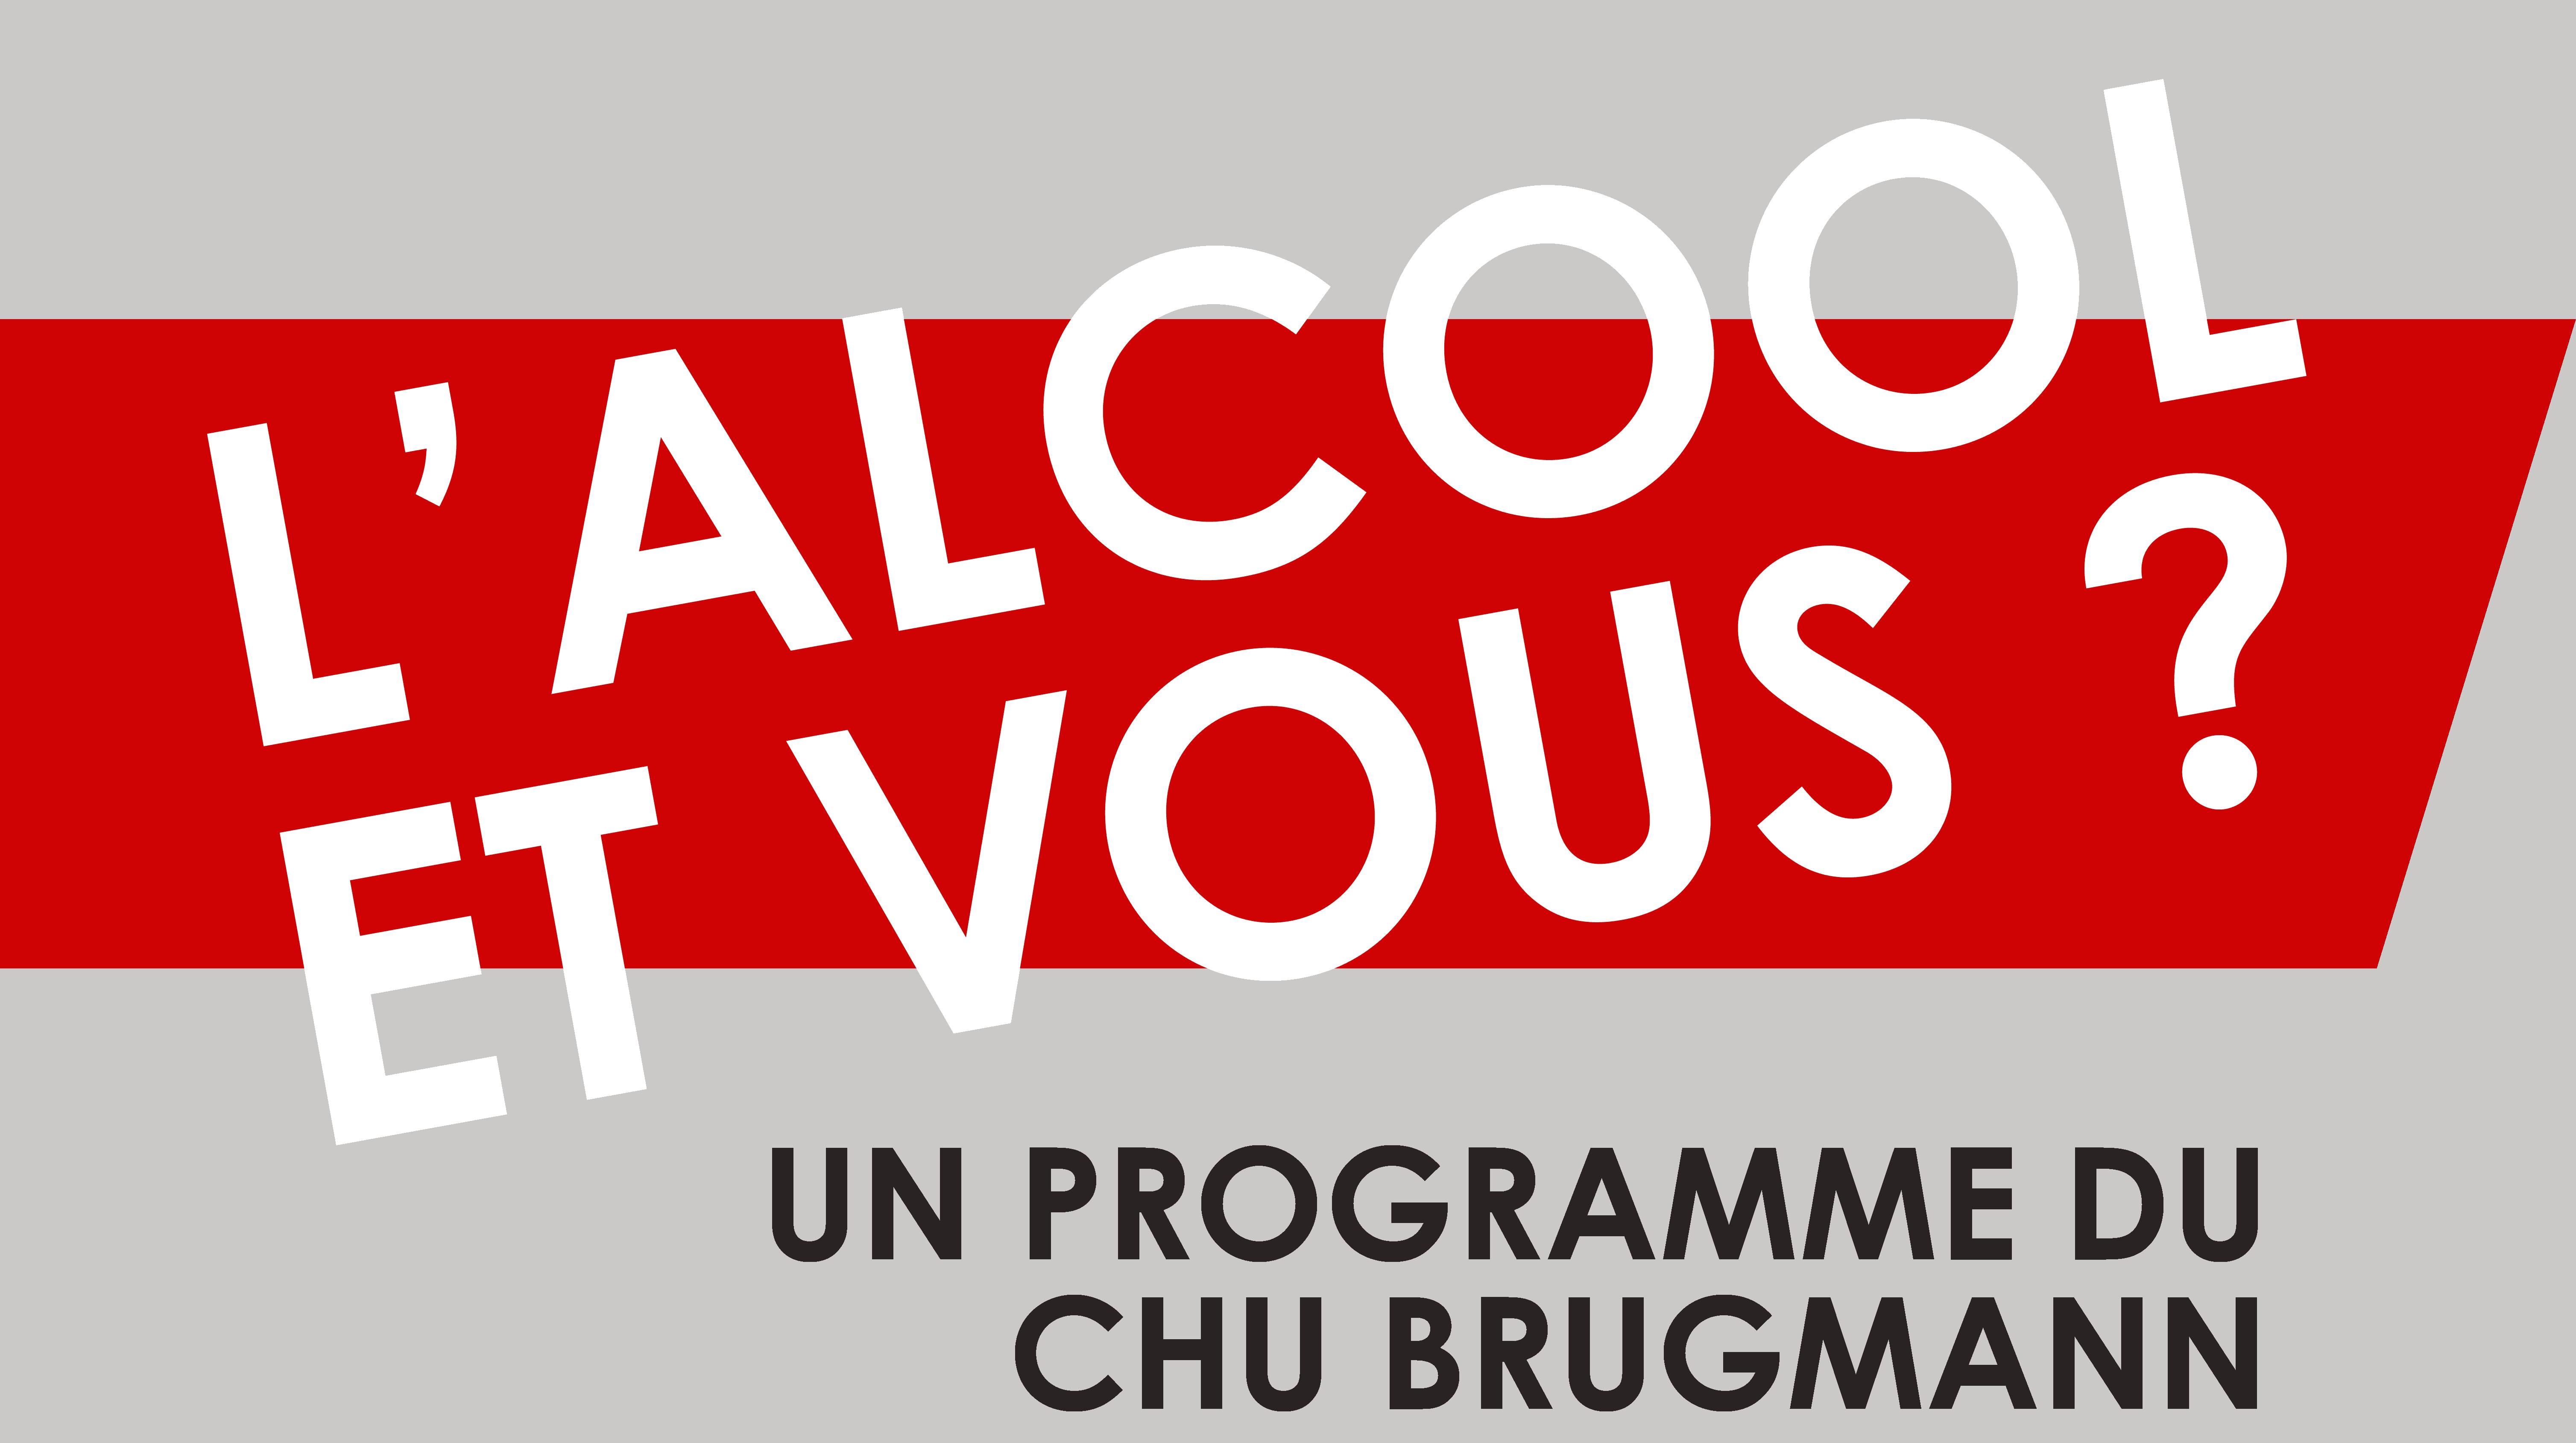 L'alcool & vous - un programme du CHU Brugmann